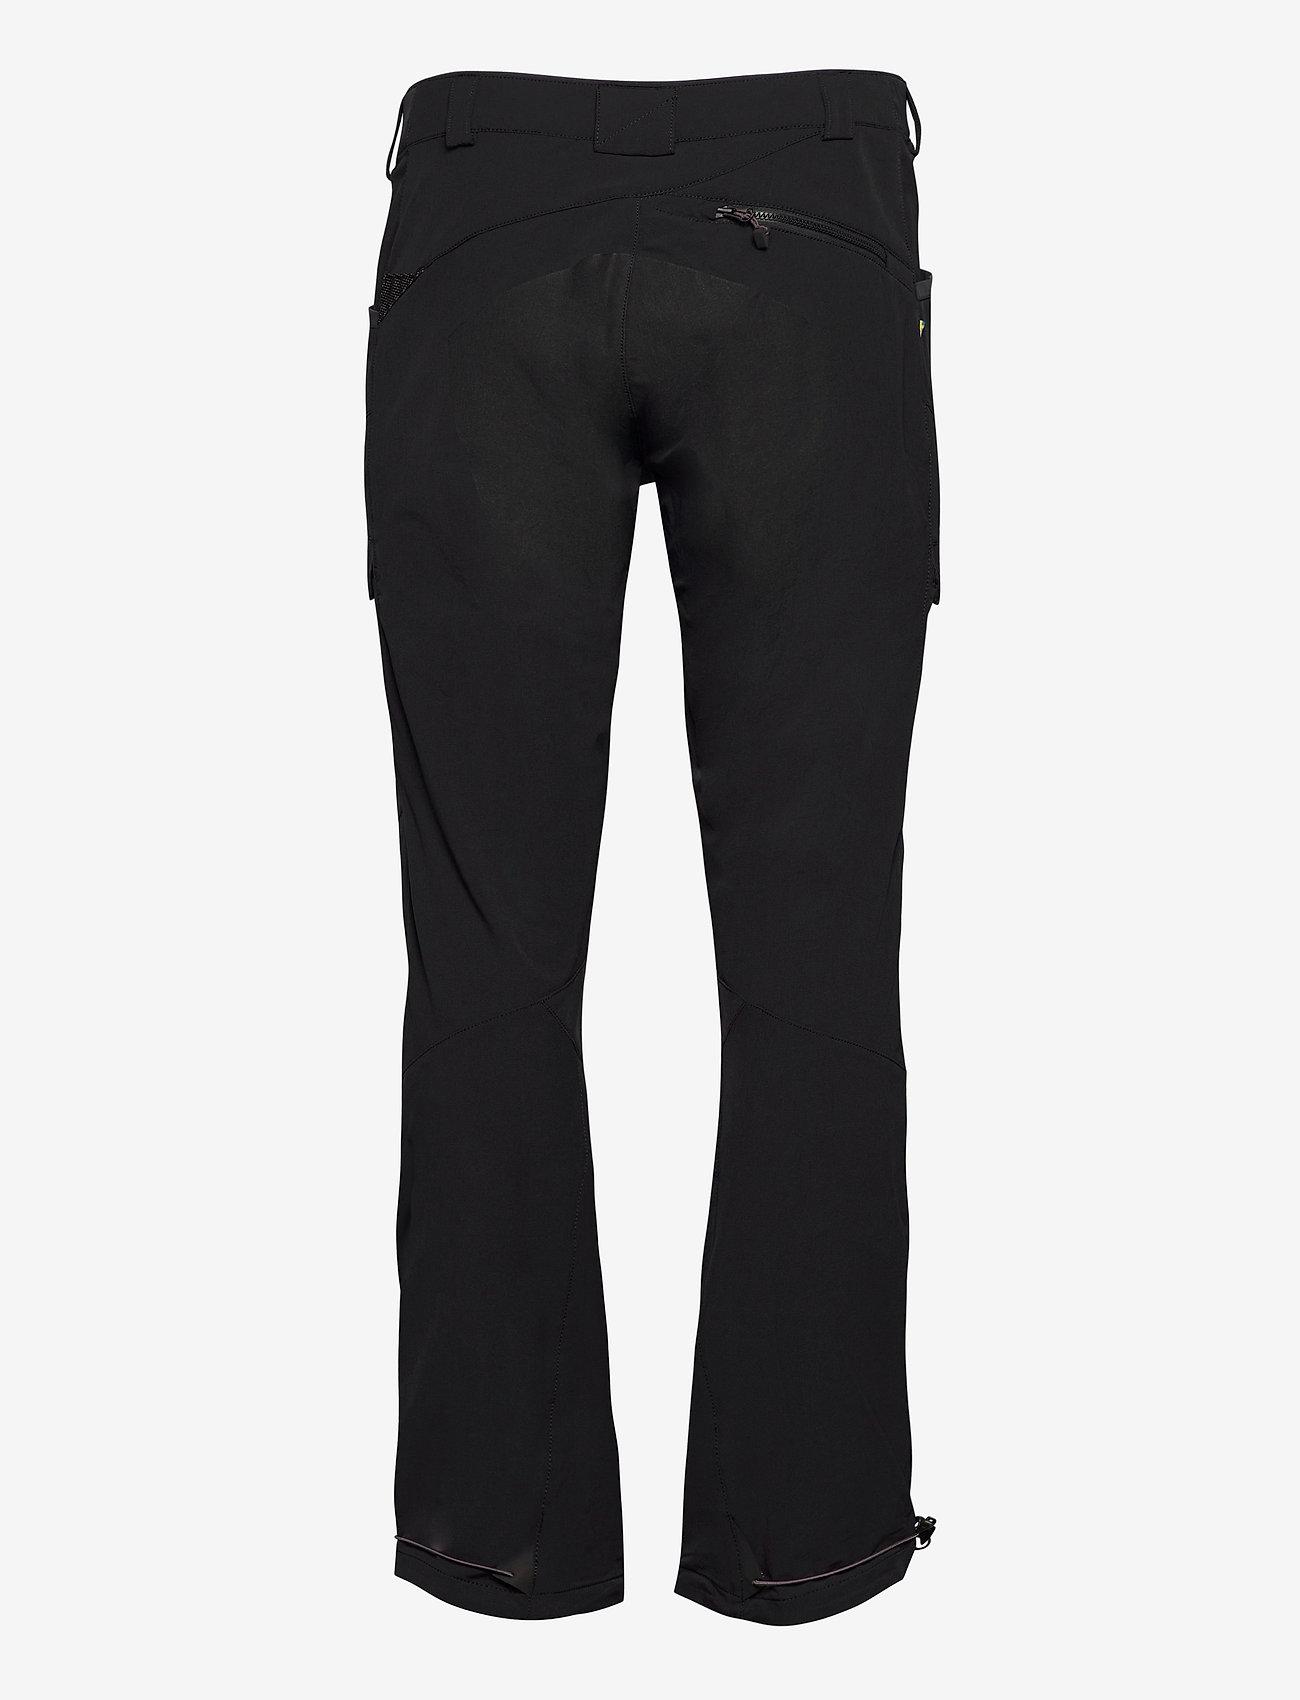 Klättermusen - Misty 2.0 Pants M's - outdoorbukser - black - 1